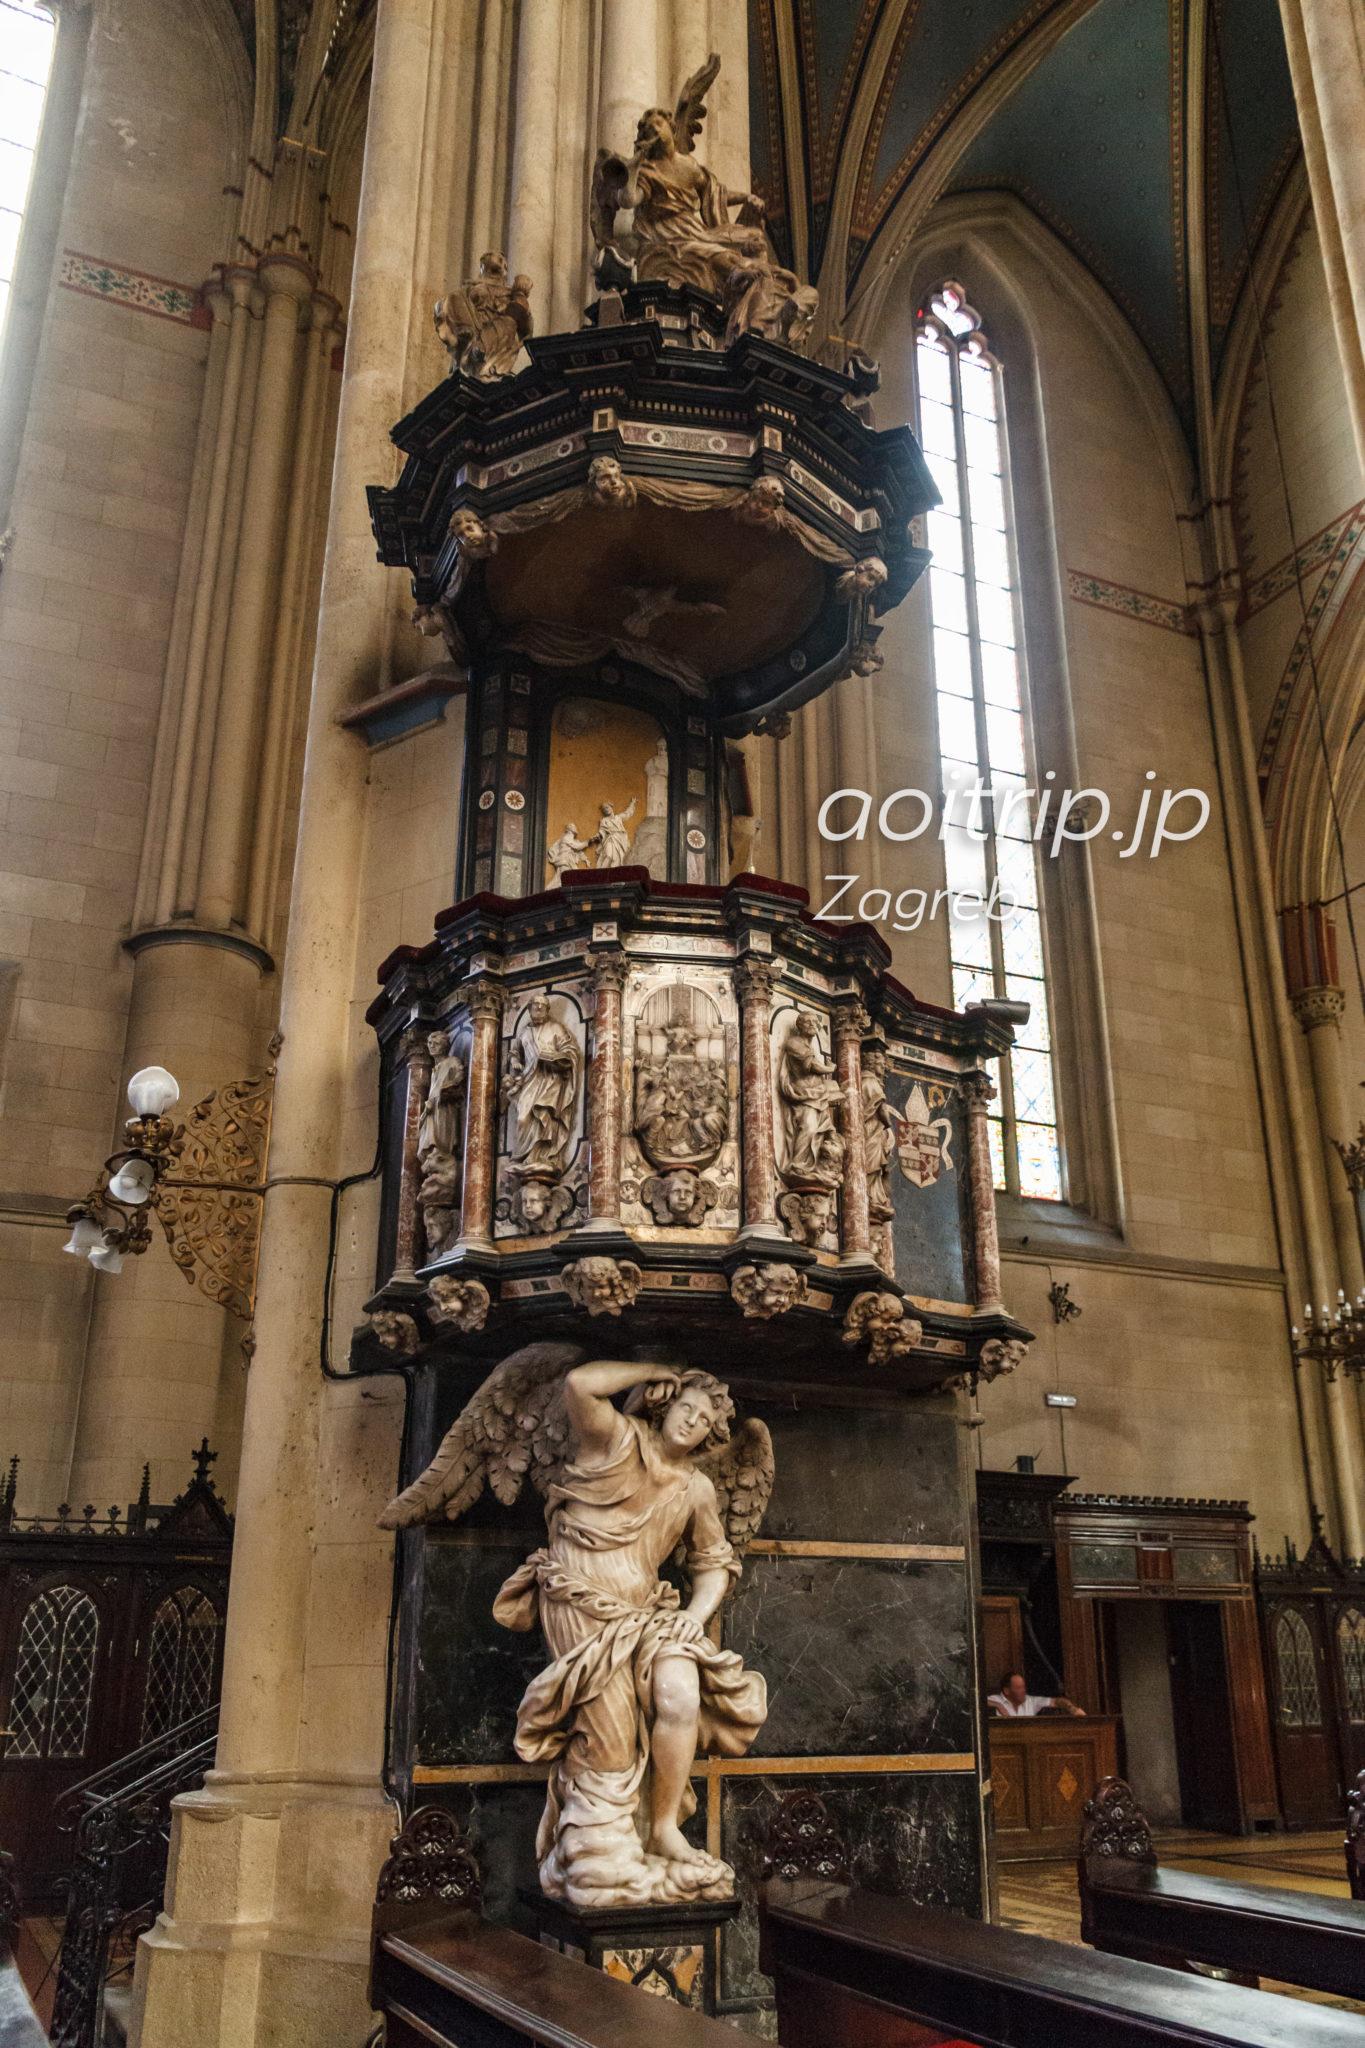 ザグレブ大聖堂 バロック様式の説教壇